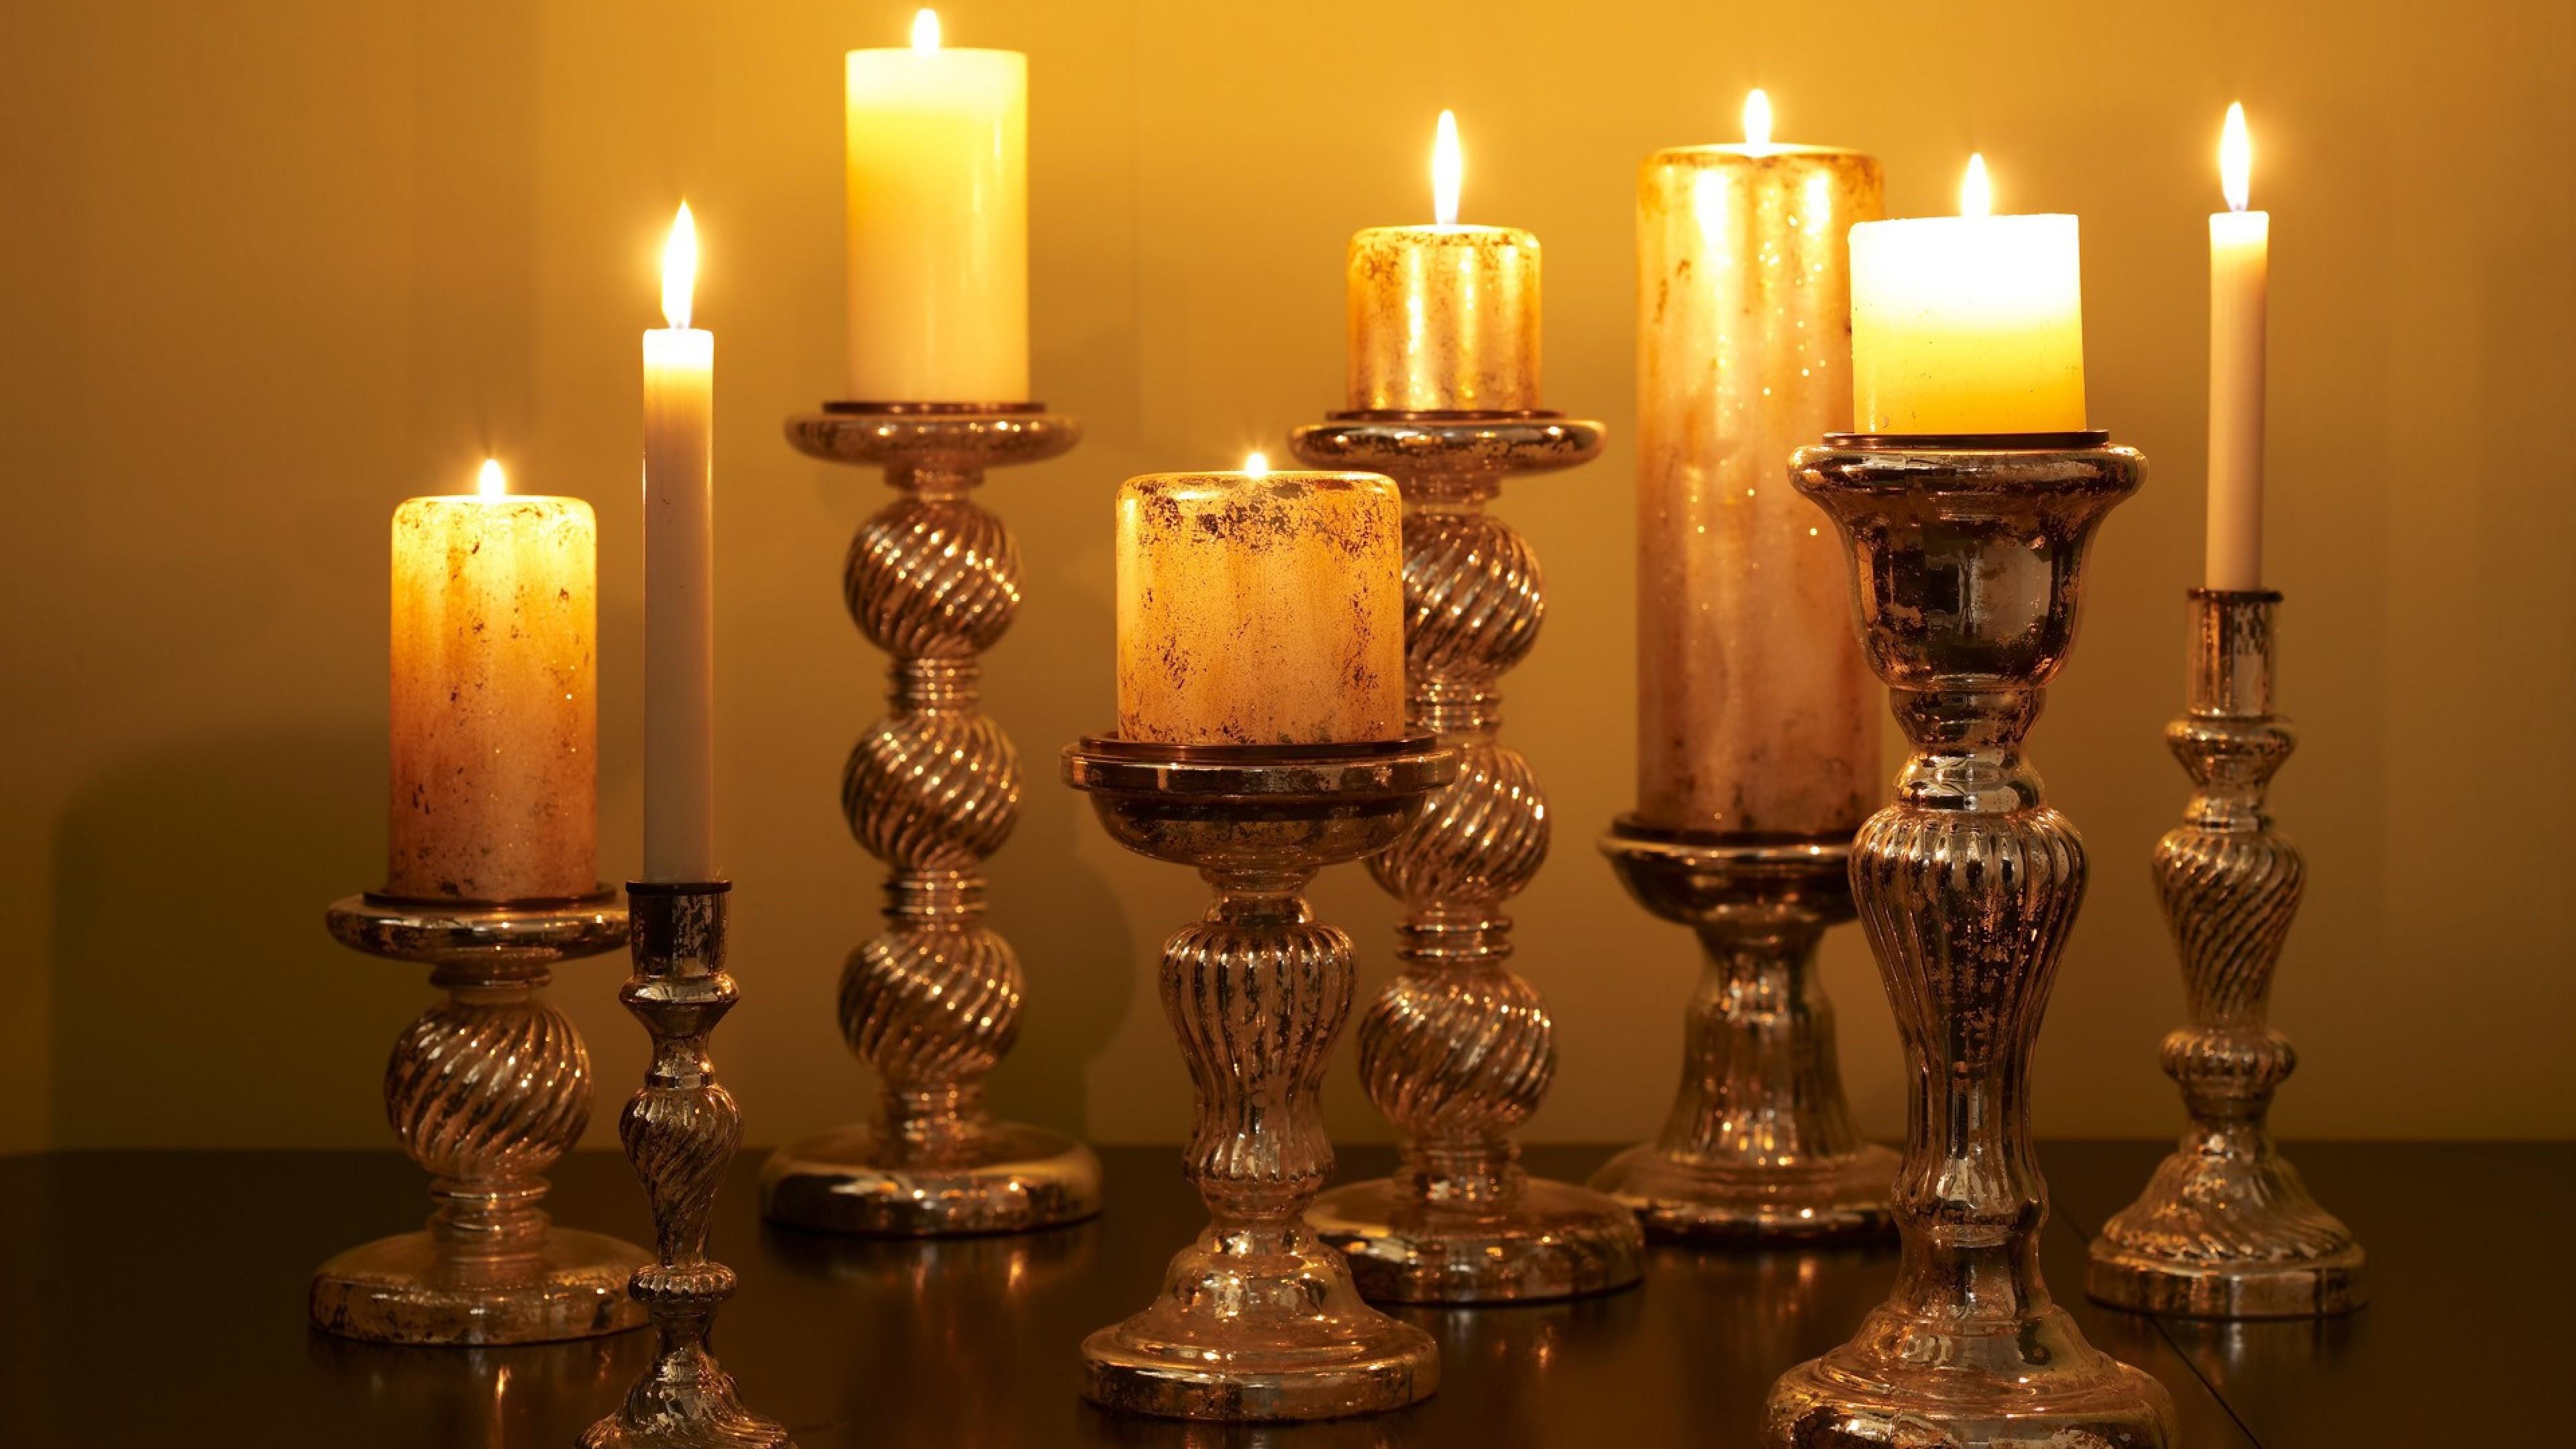 начинающие художники свечи подсвечники старинные картинки прибор можно коньке